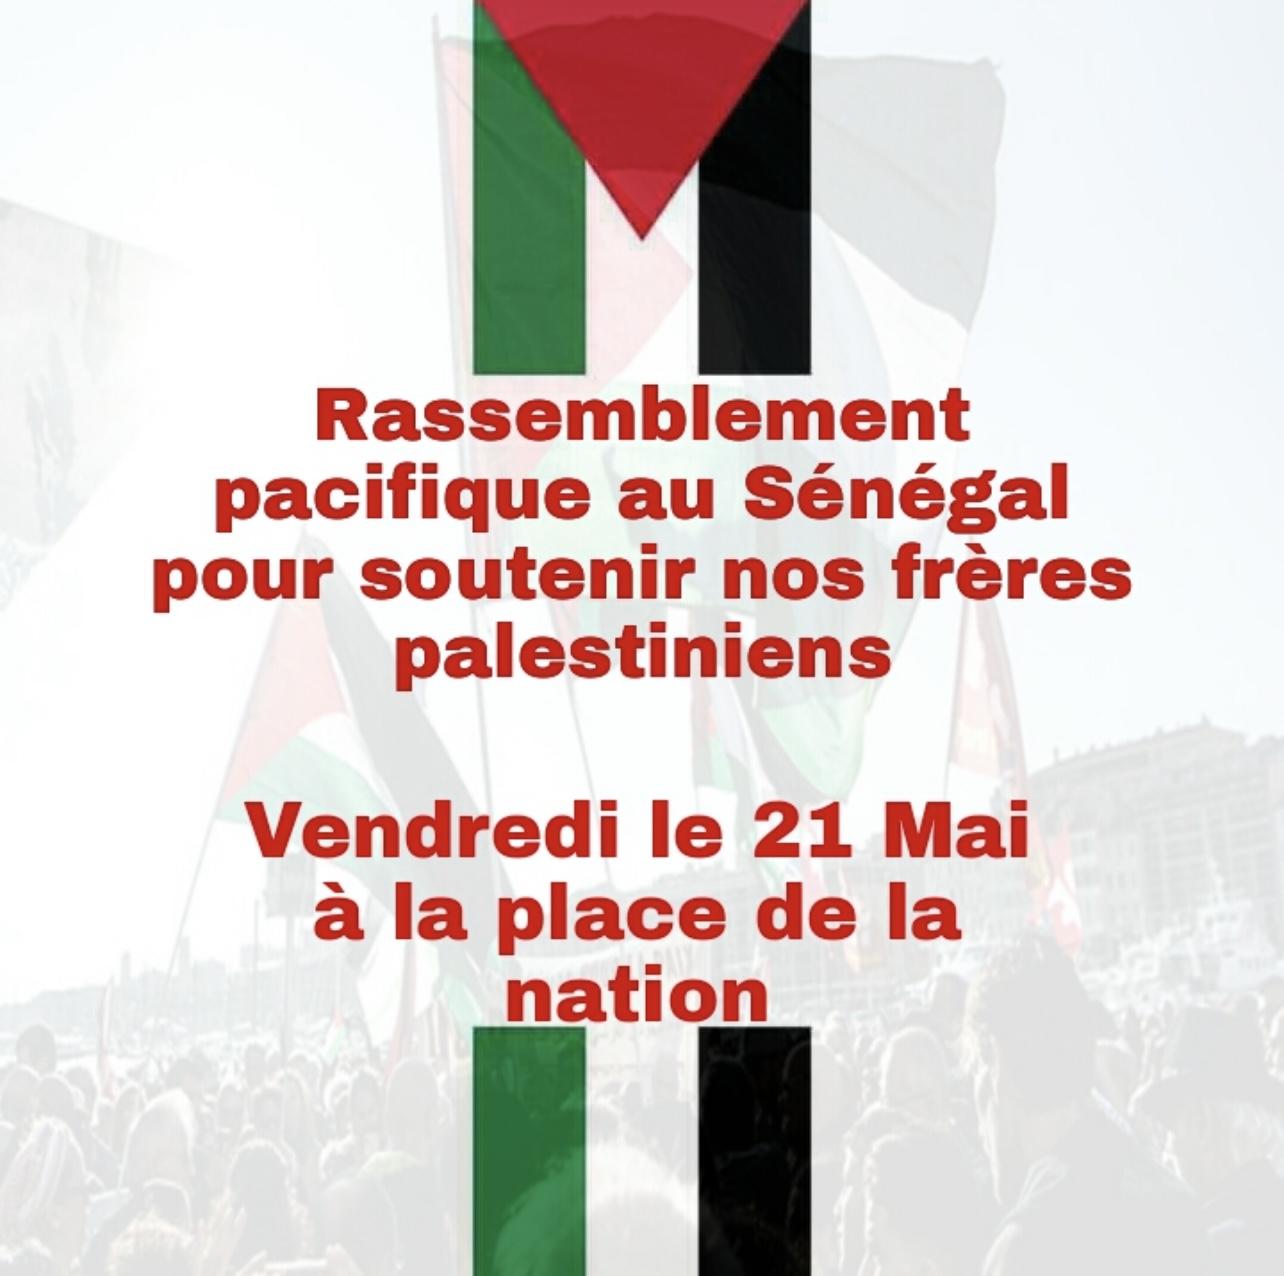 Génocide du peuple palestinien : Une marche de soutien prévue vendredi à Dakar